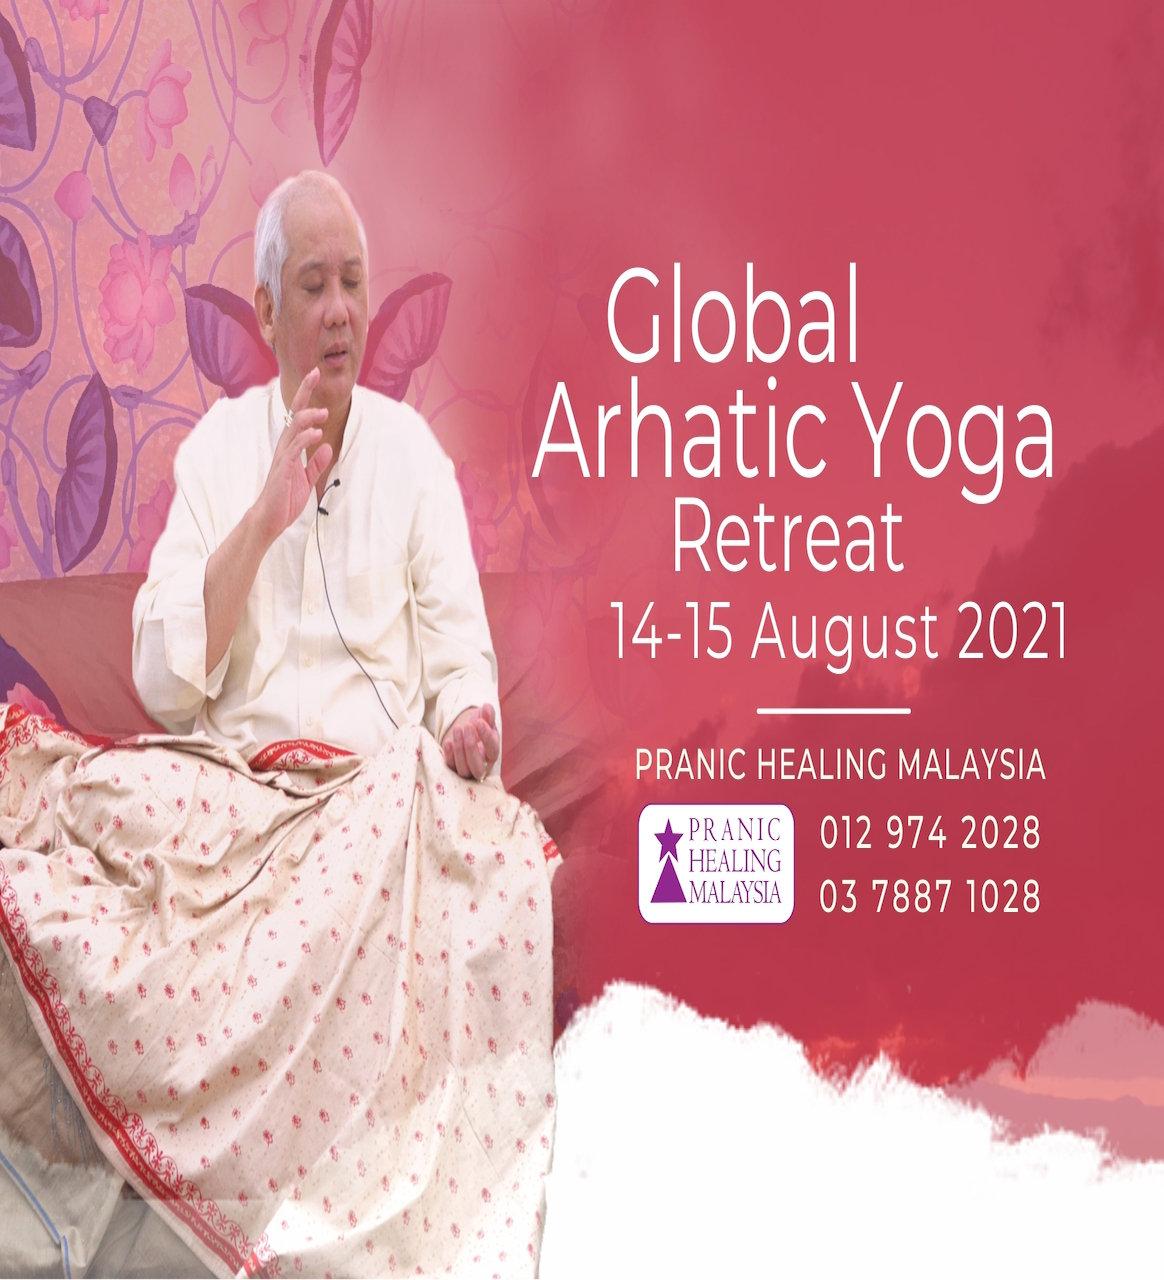 Global Arhatic Yoga Retreat